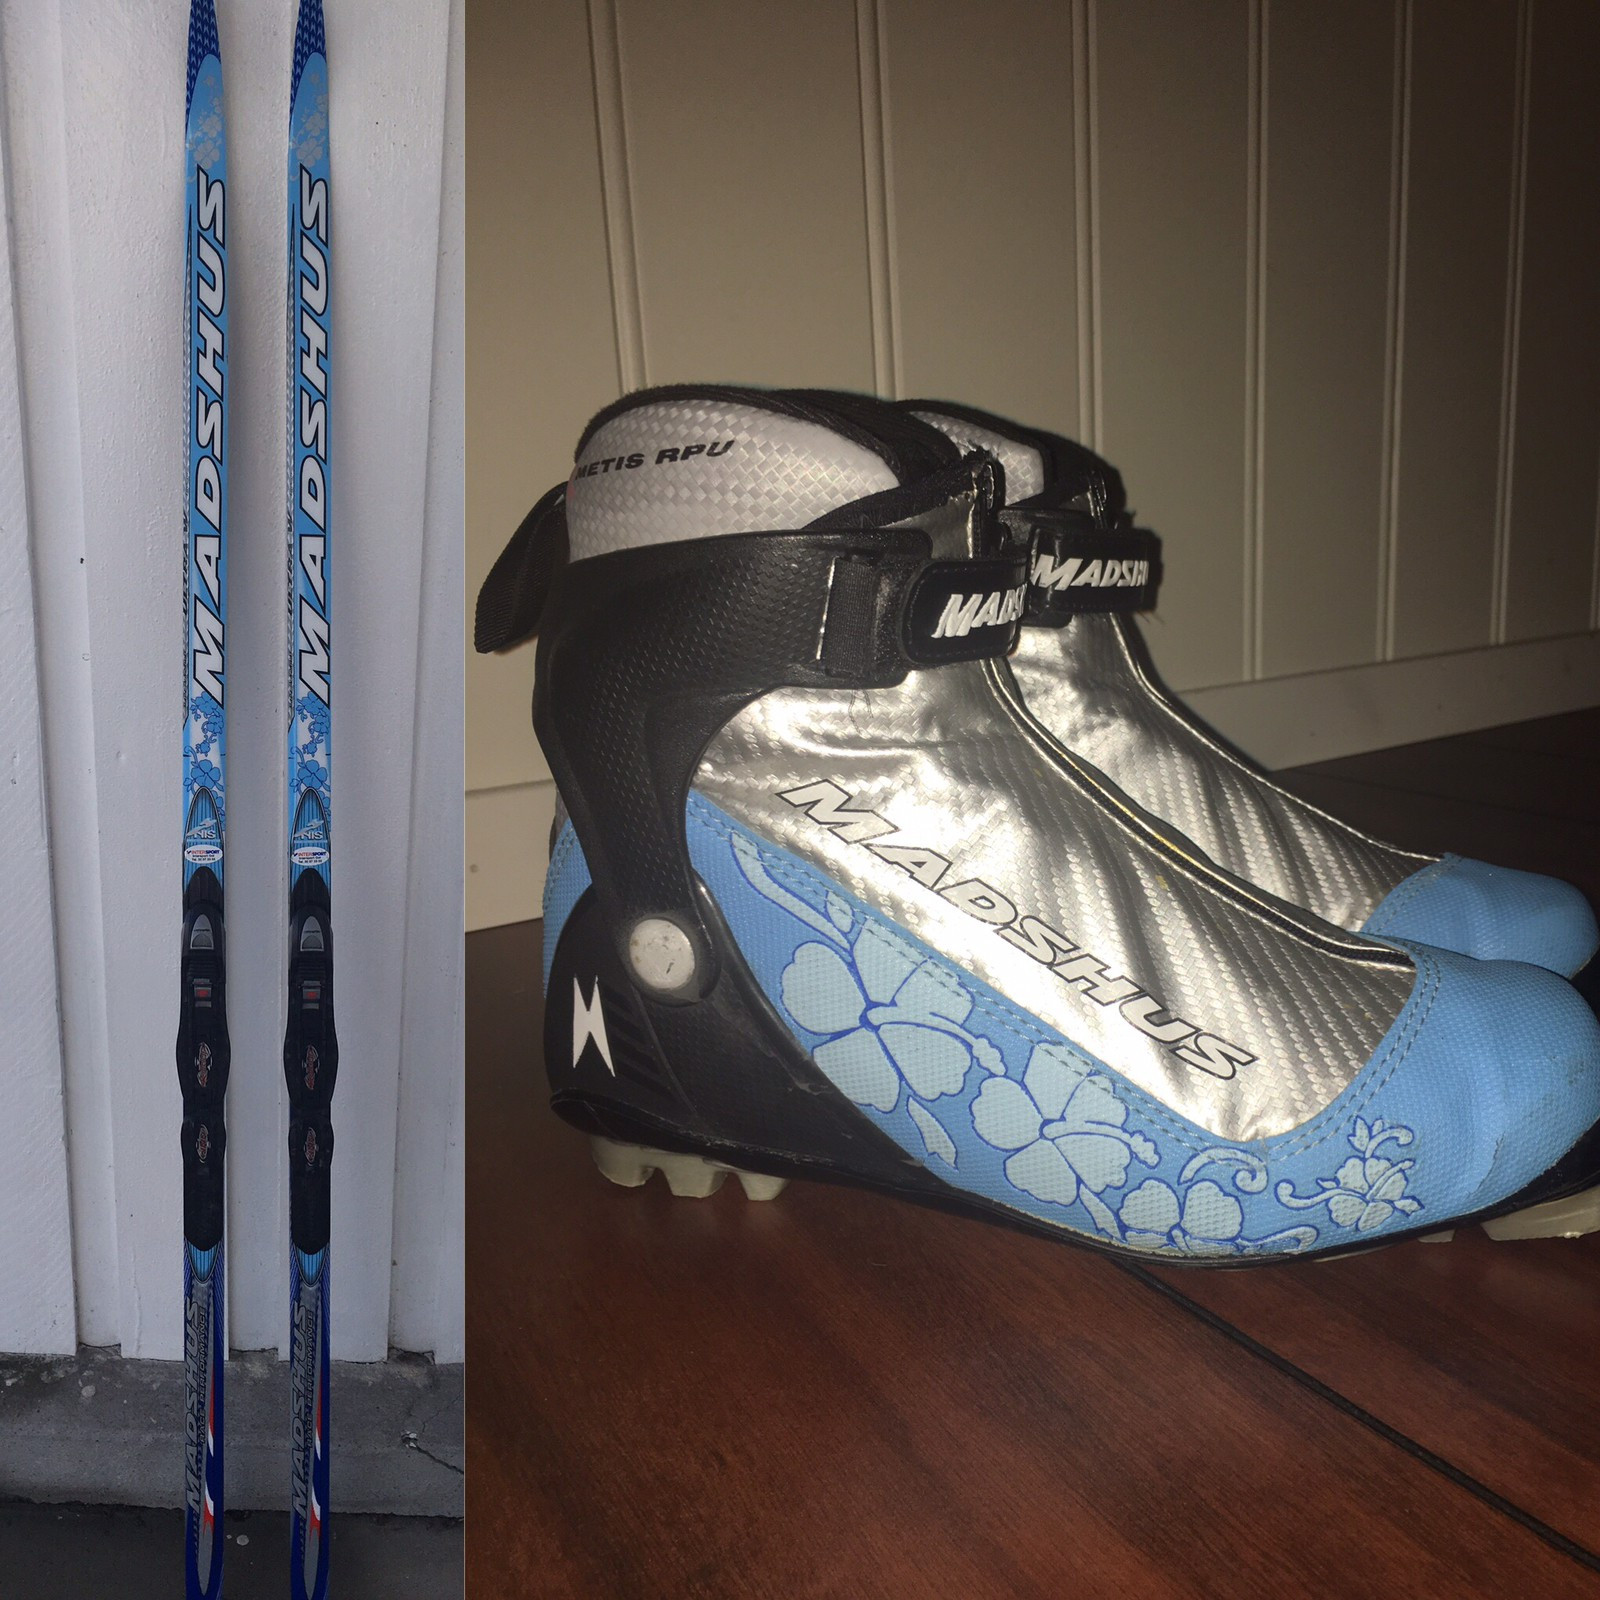 Madshus klassisk ski W (180 kg 60-70)+ skisko strl 39 - Skien  - Madshus 382 Ultra W Classic ski - kr 1000 - Mål 41-43-43 - Lengde 180 cm  - Vekt 60-70 kg  - Fungerer til å skøyte med også, en god kombiski   Madshus RPU light blue skisko - kr 400 - Samme stilige design som skia  - St - Skien